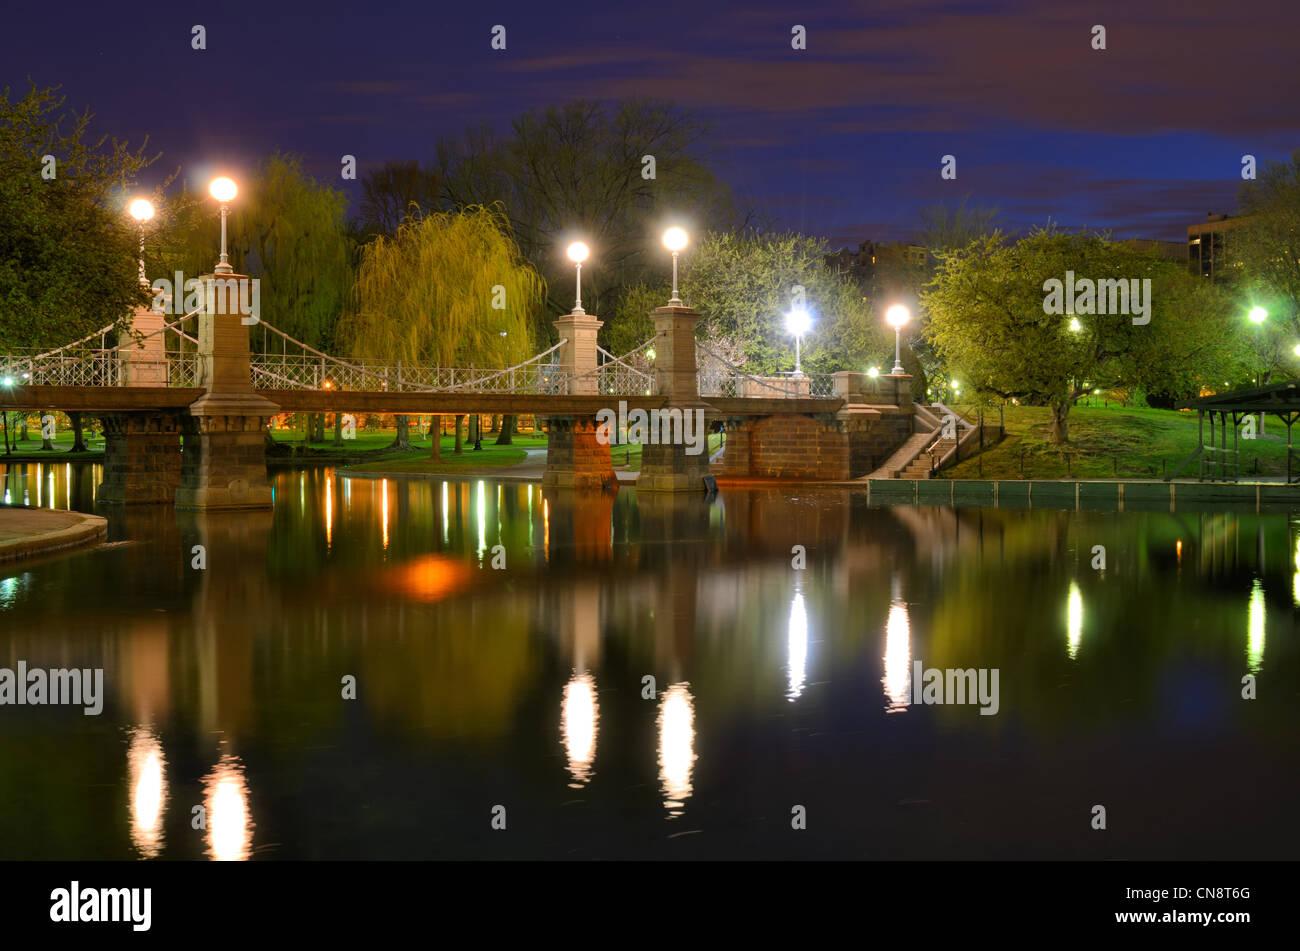 Lagoon Bridge at the Boston Public Gardens in Boston, Massachusetts ...